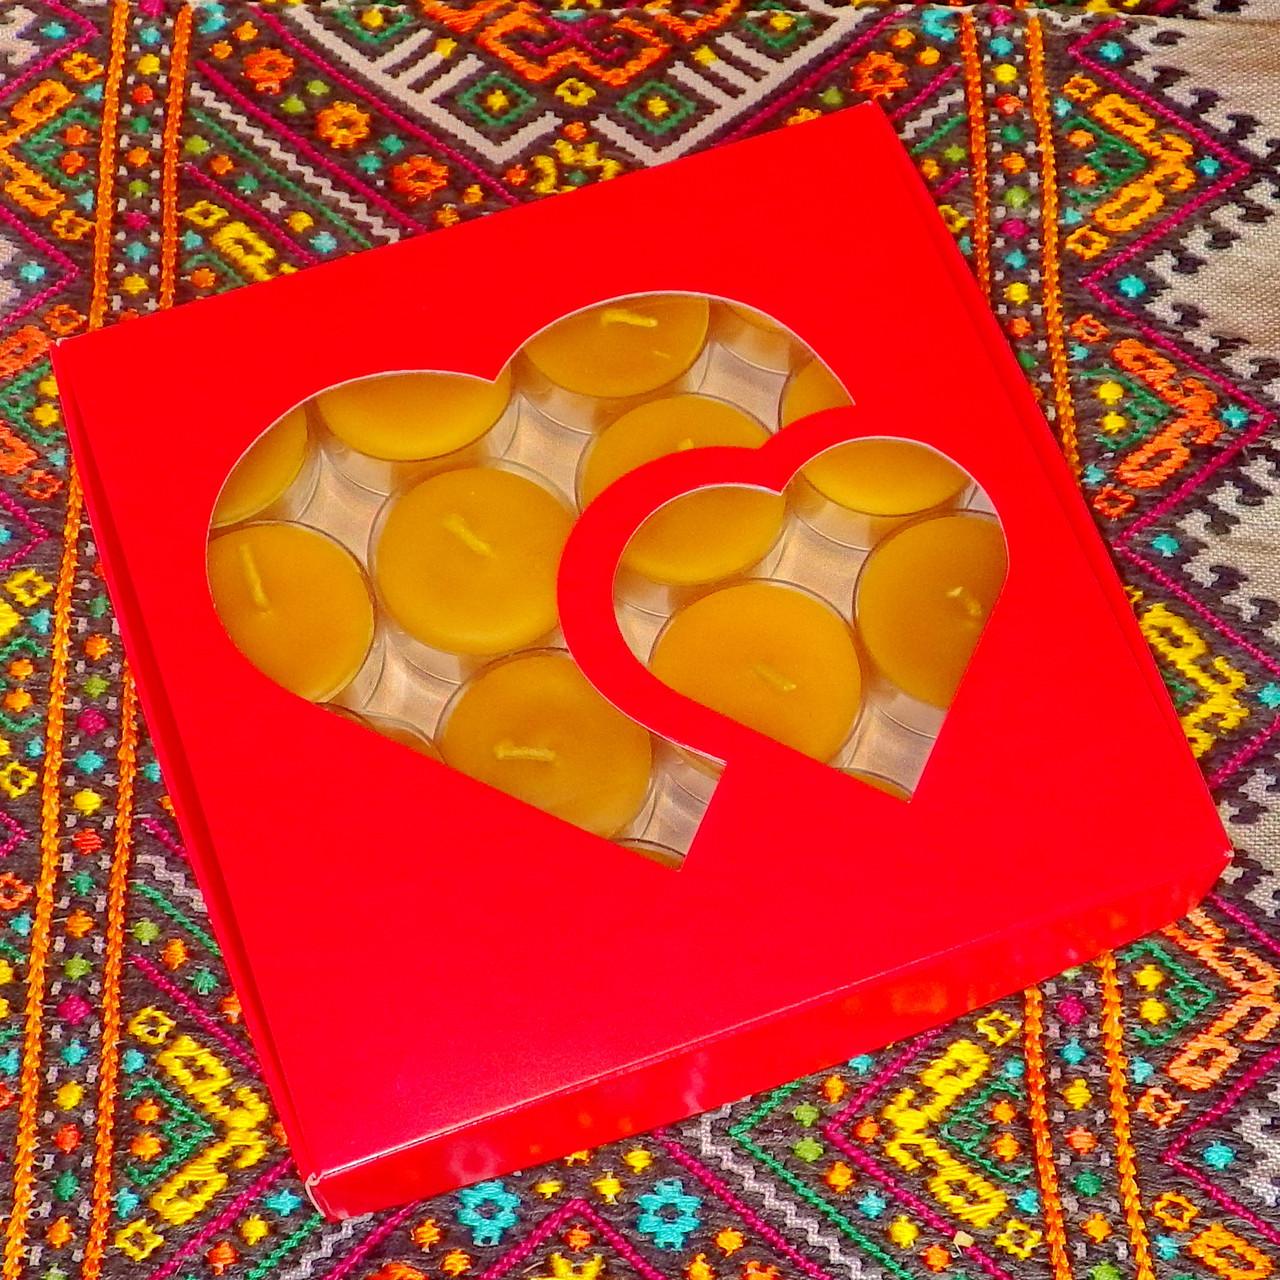 Подарочный набор круглых чайных восковых свечей 15г (16шт.) в коробке Красное Сердце